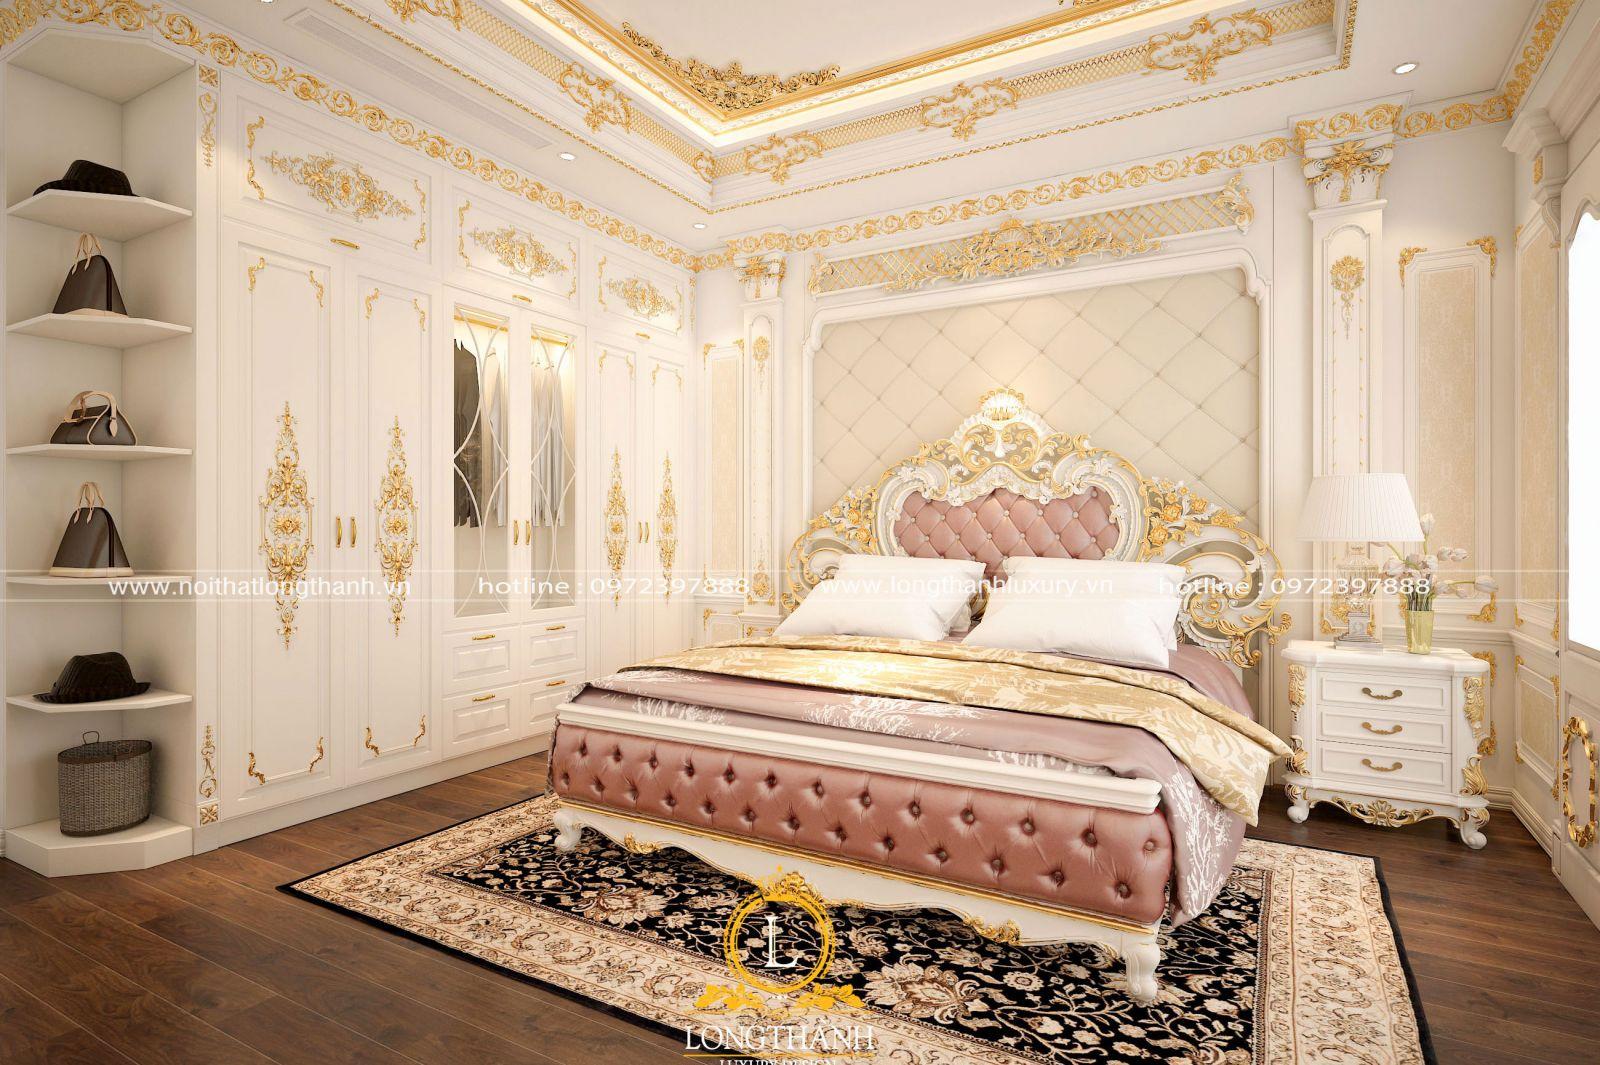 Phòng ngủ tân cổ điển dát vàng sơn trắng